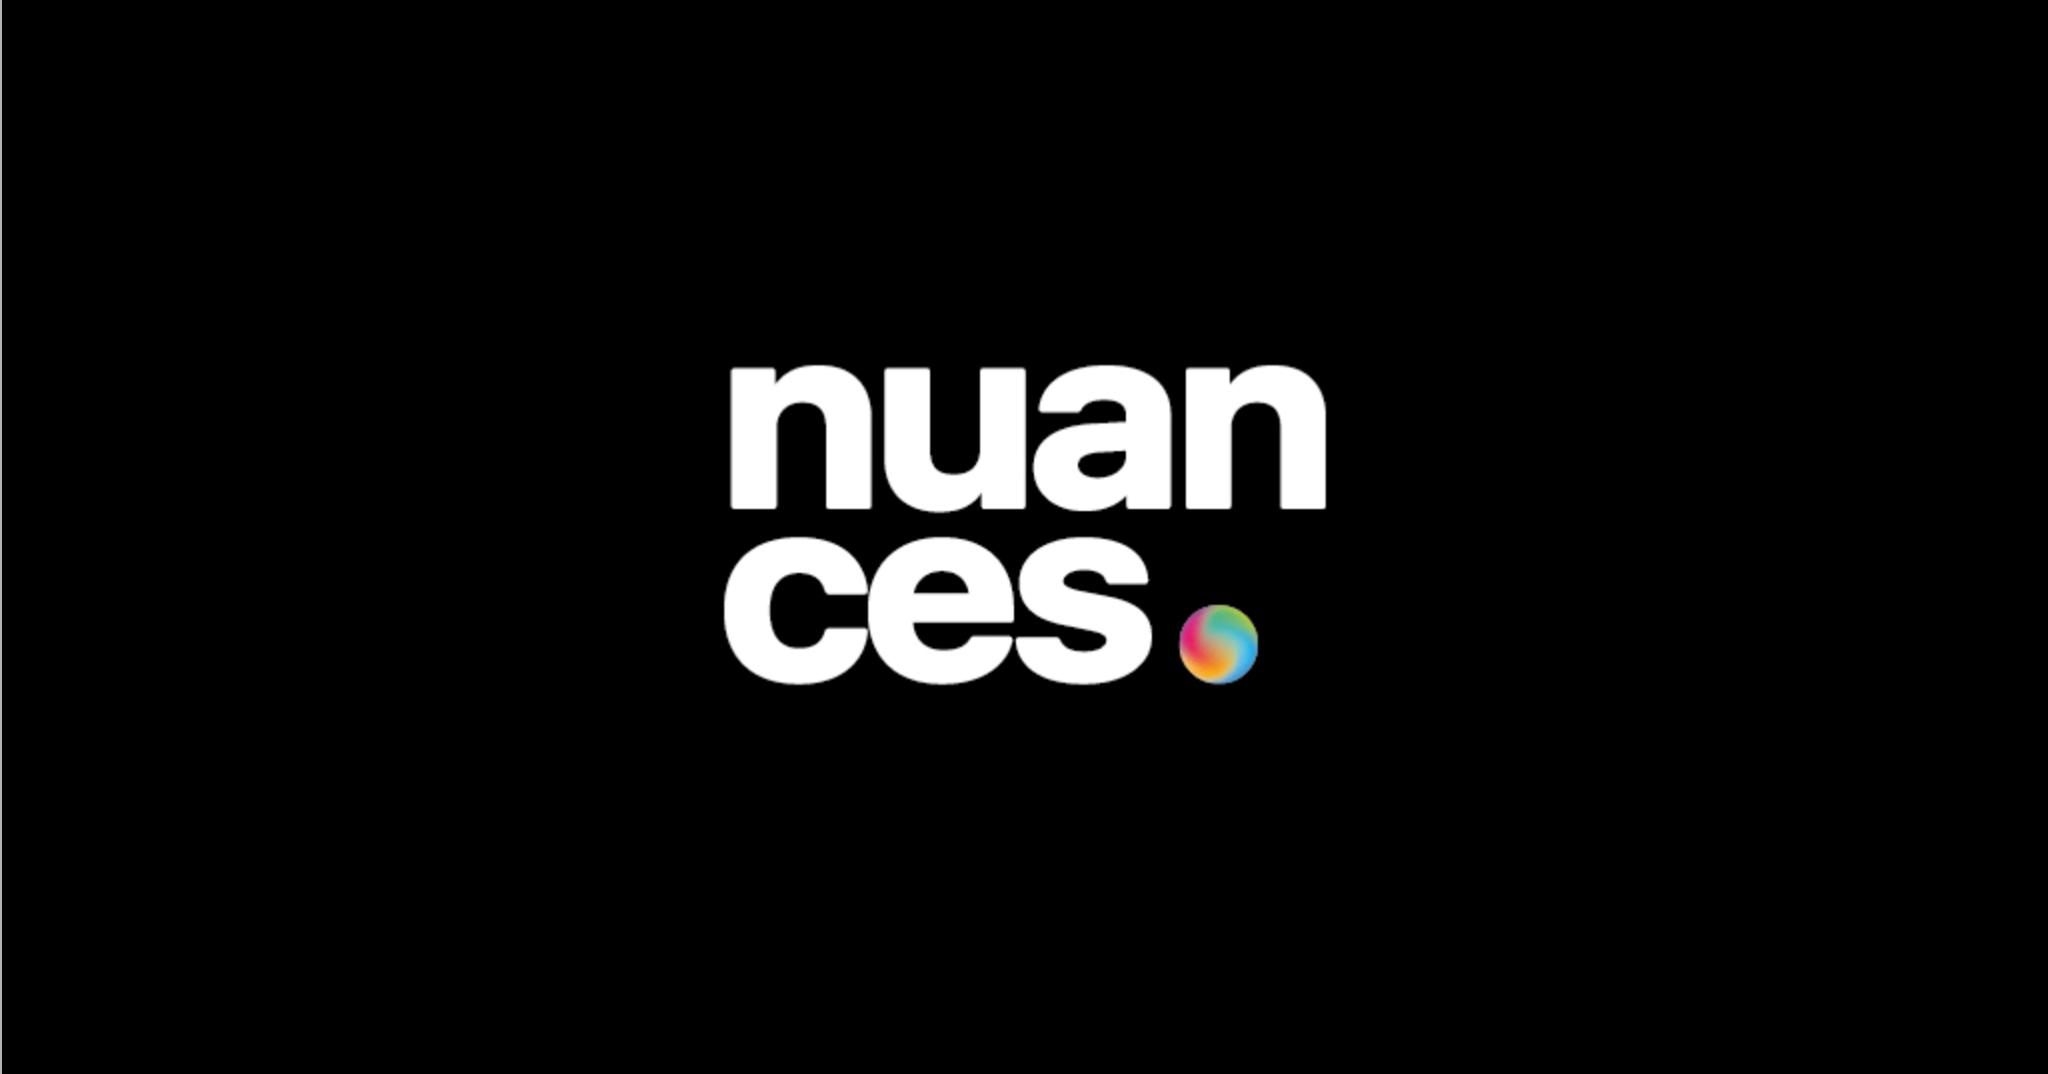 nuances